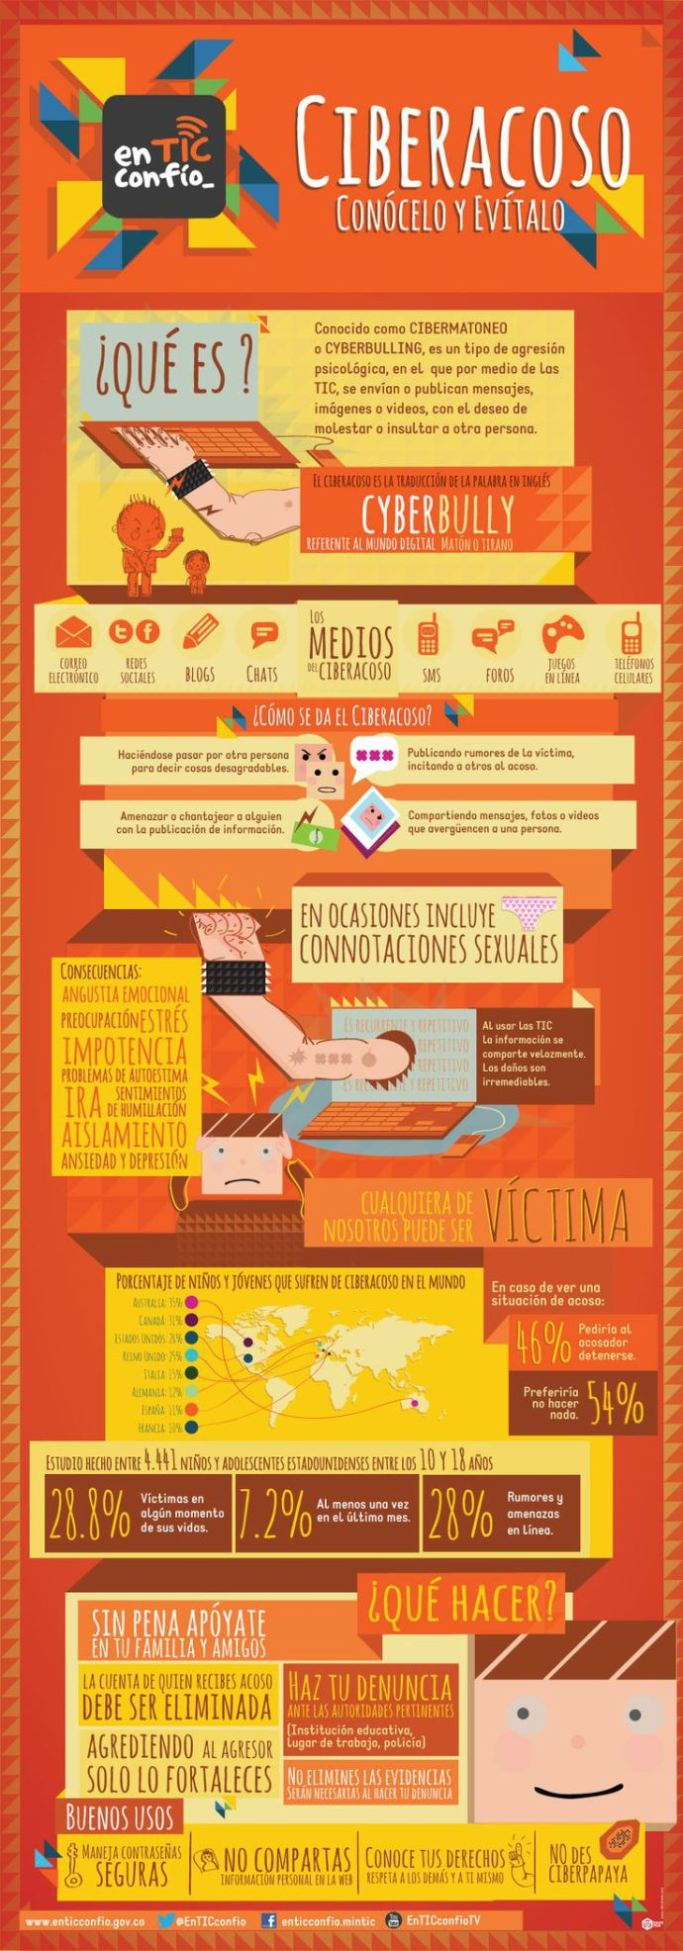 CiberacosoConóceloEvítalo-Infografía-BlogGesvin